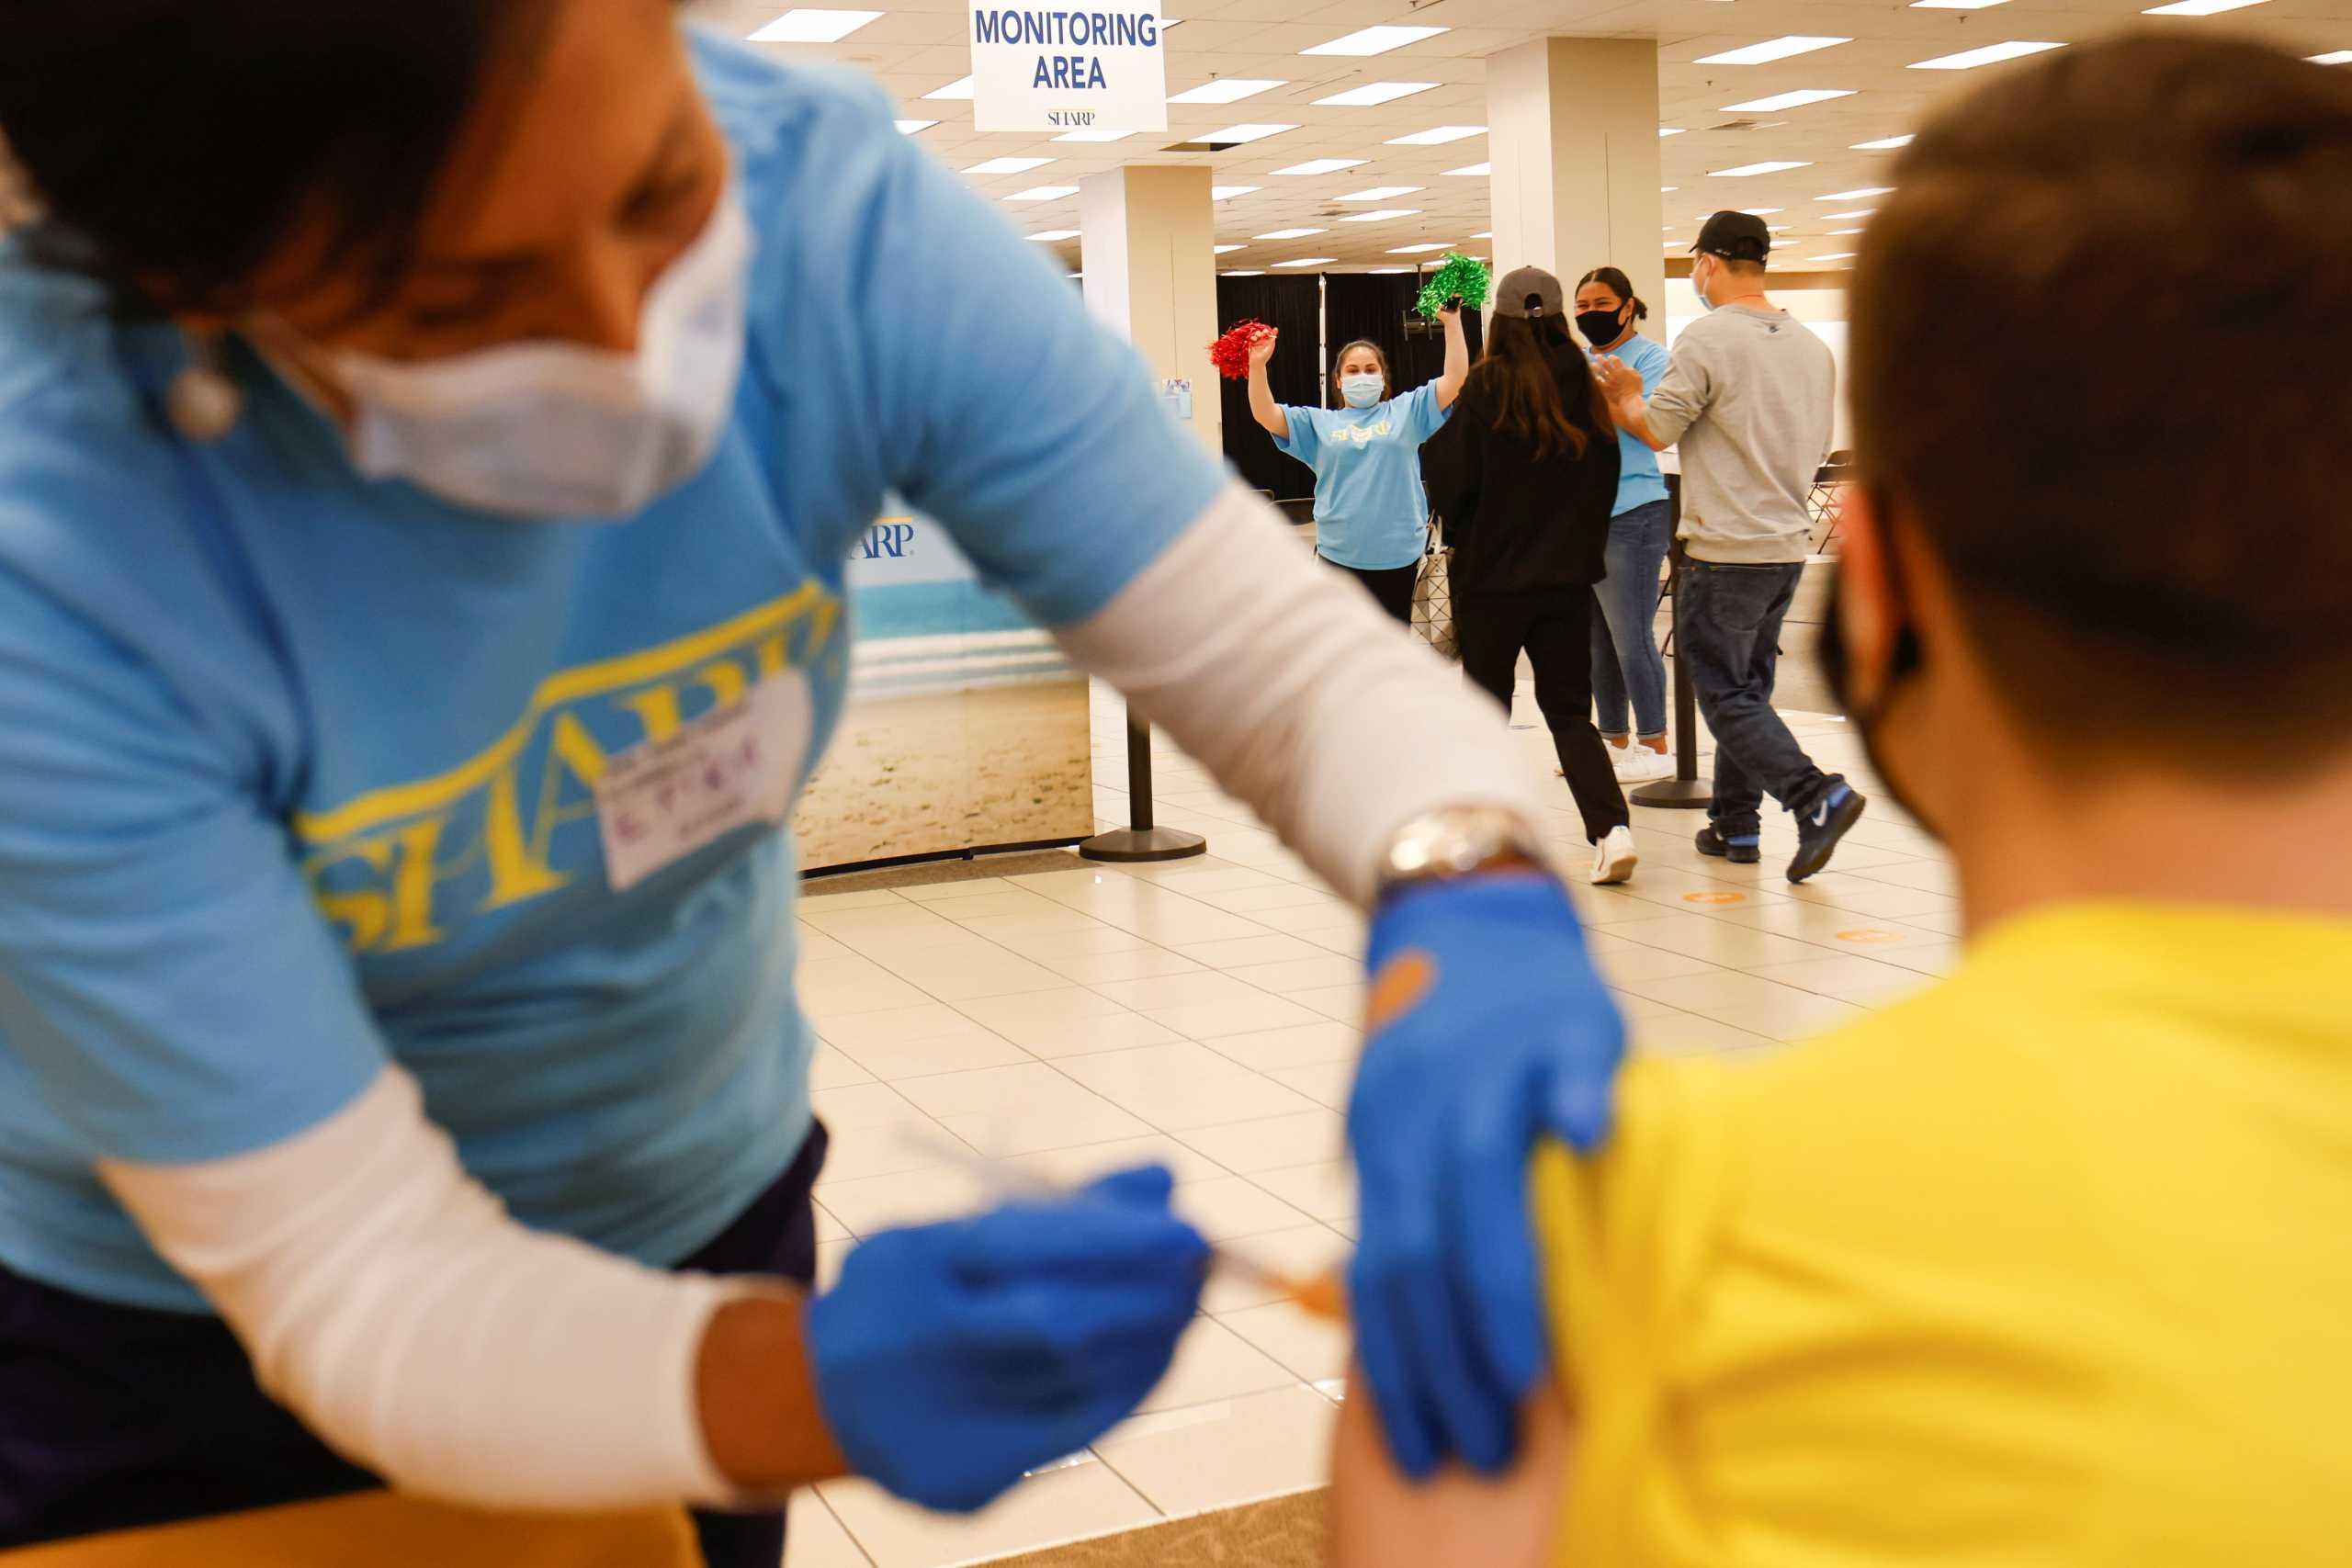 Κορονοϊός: Ελάχιστα τα περιστατικά λοίμωξης Covid-19 μετά από διπλό εμβολιασμό